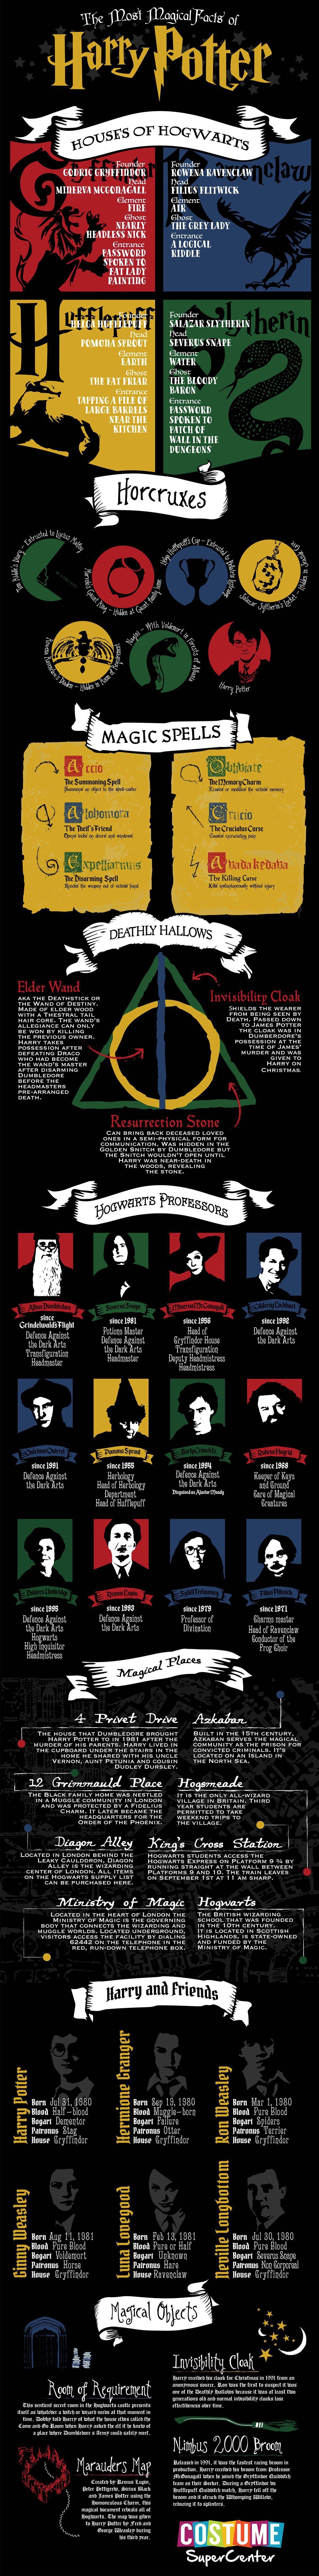 Pin By Malu Bernardes On Harry Potter Harry Potter Infographic Harry Potter Facts Harry Potter Movies